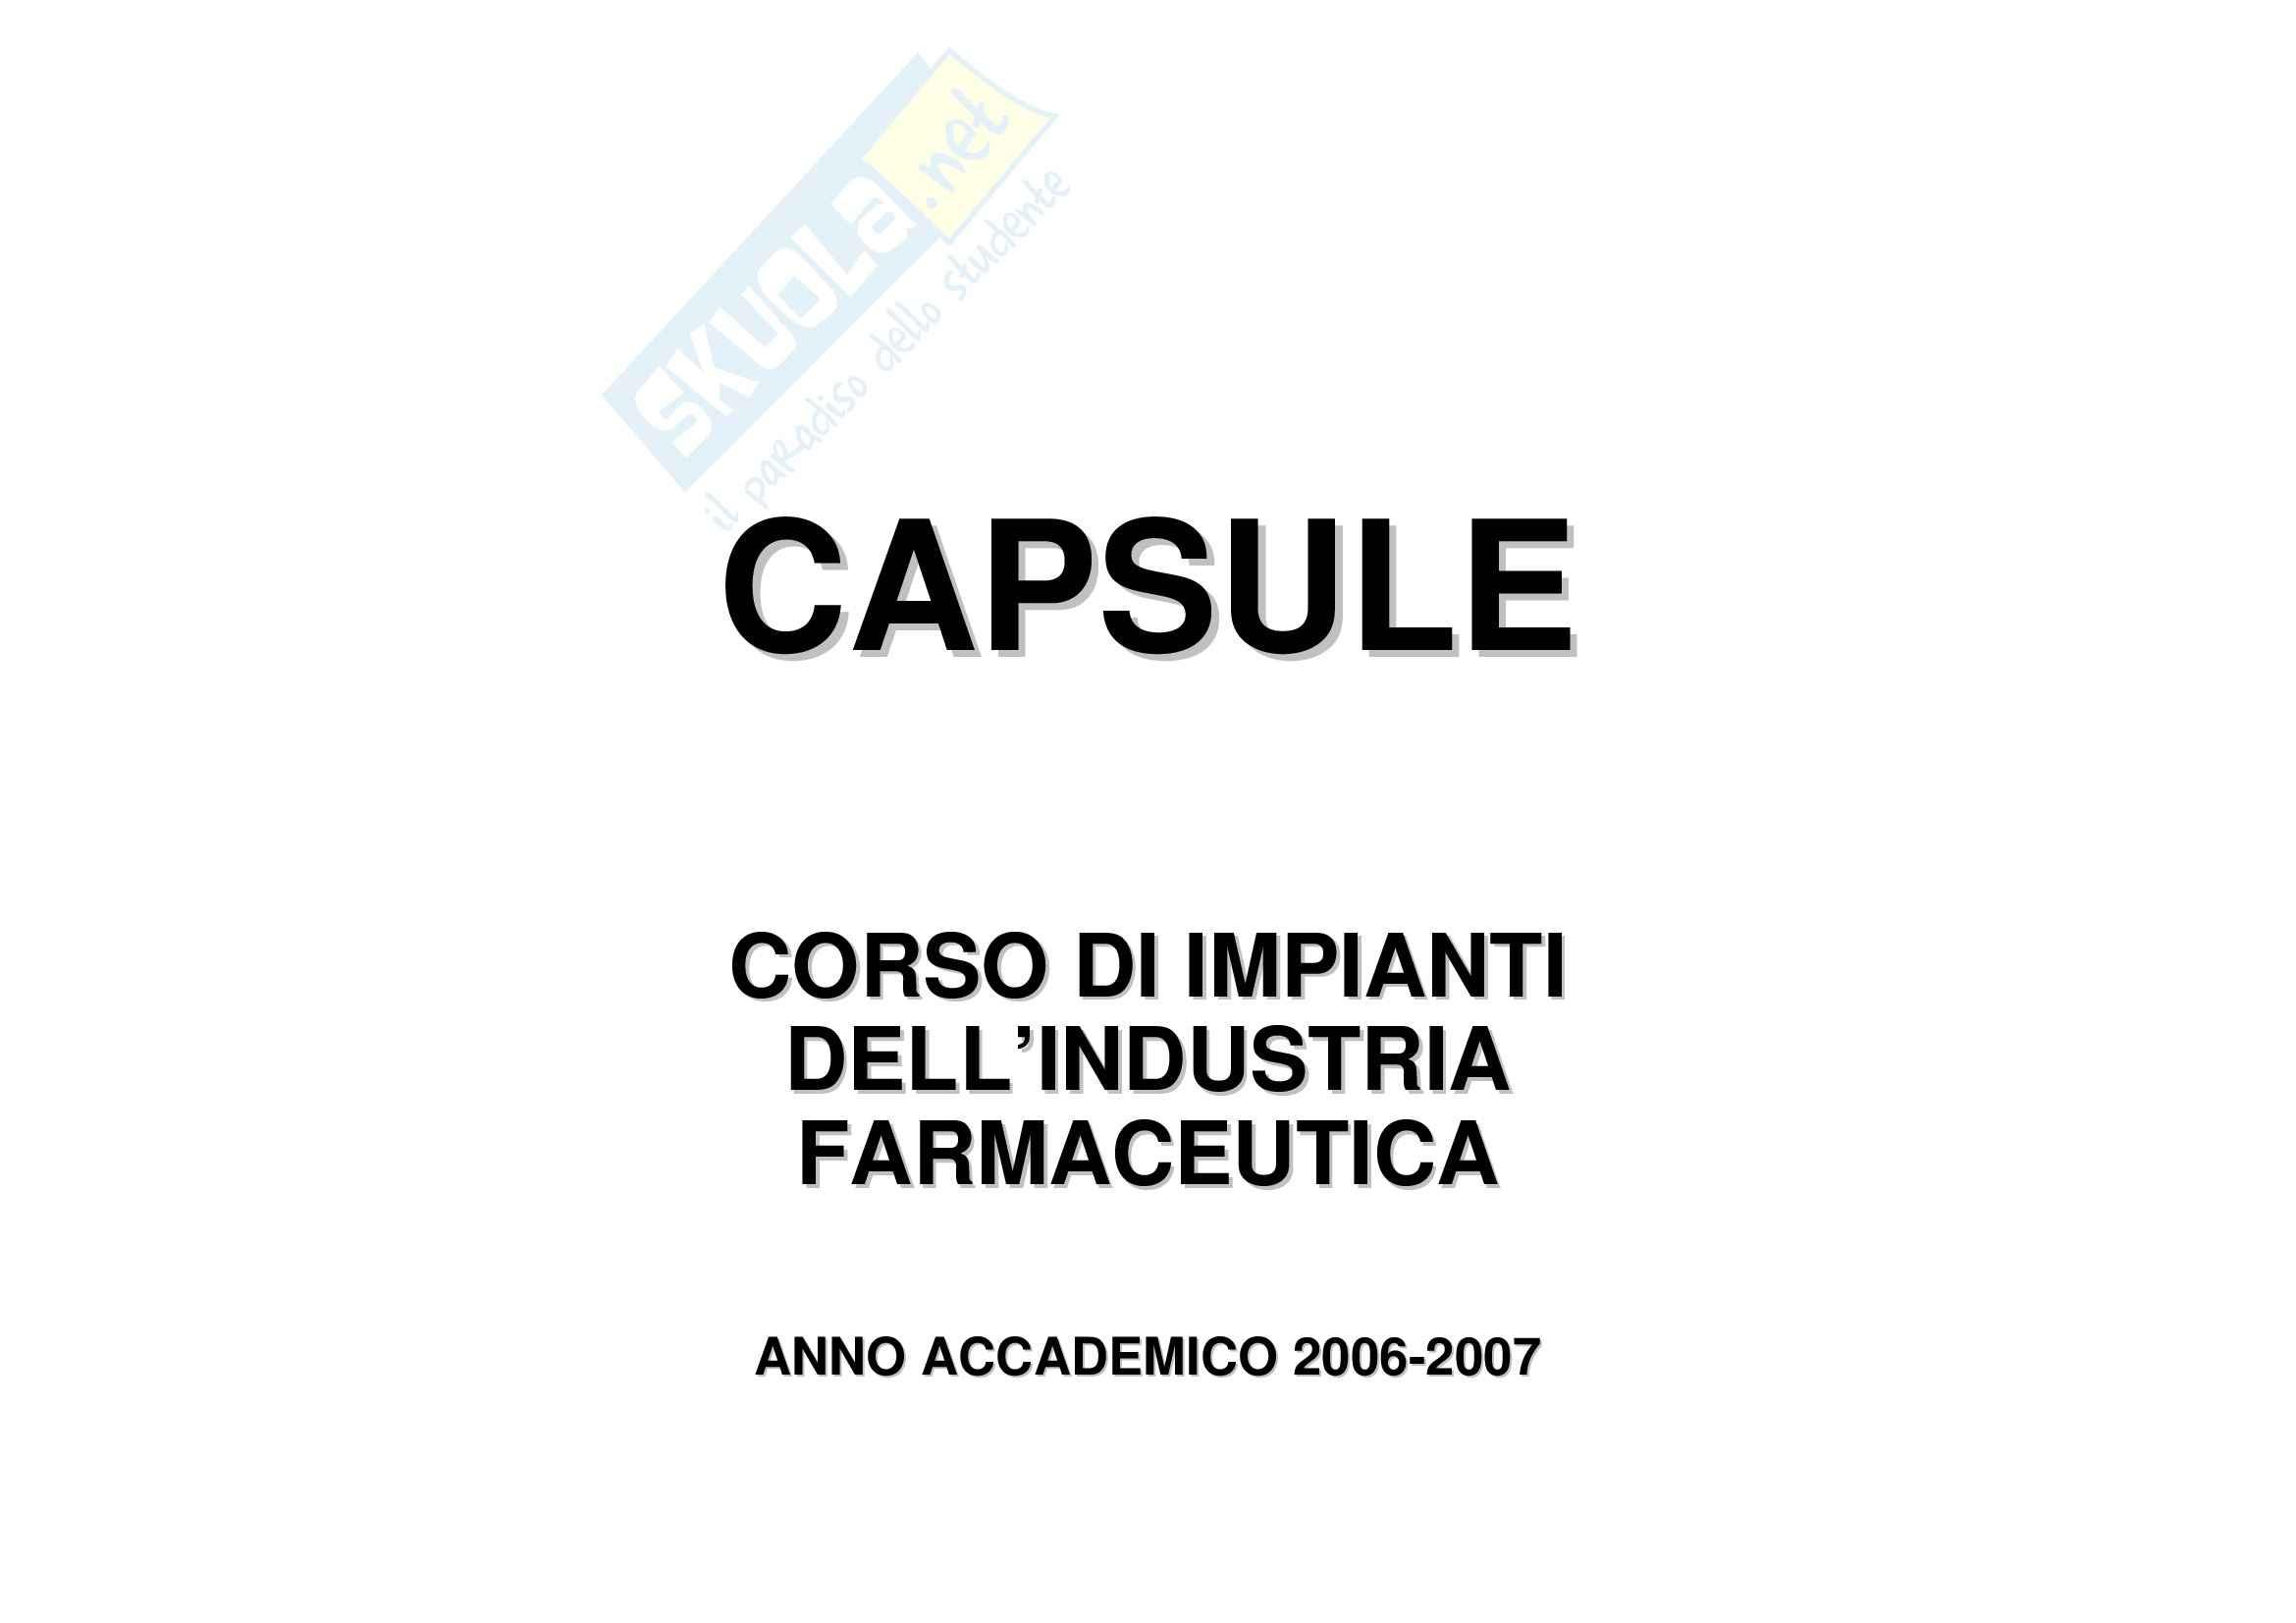 Tecnica farmaceutica - le capsule